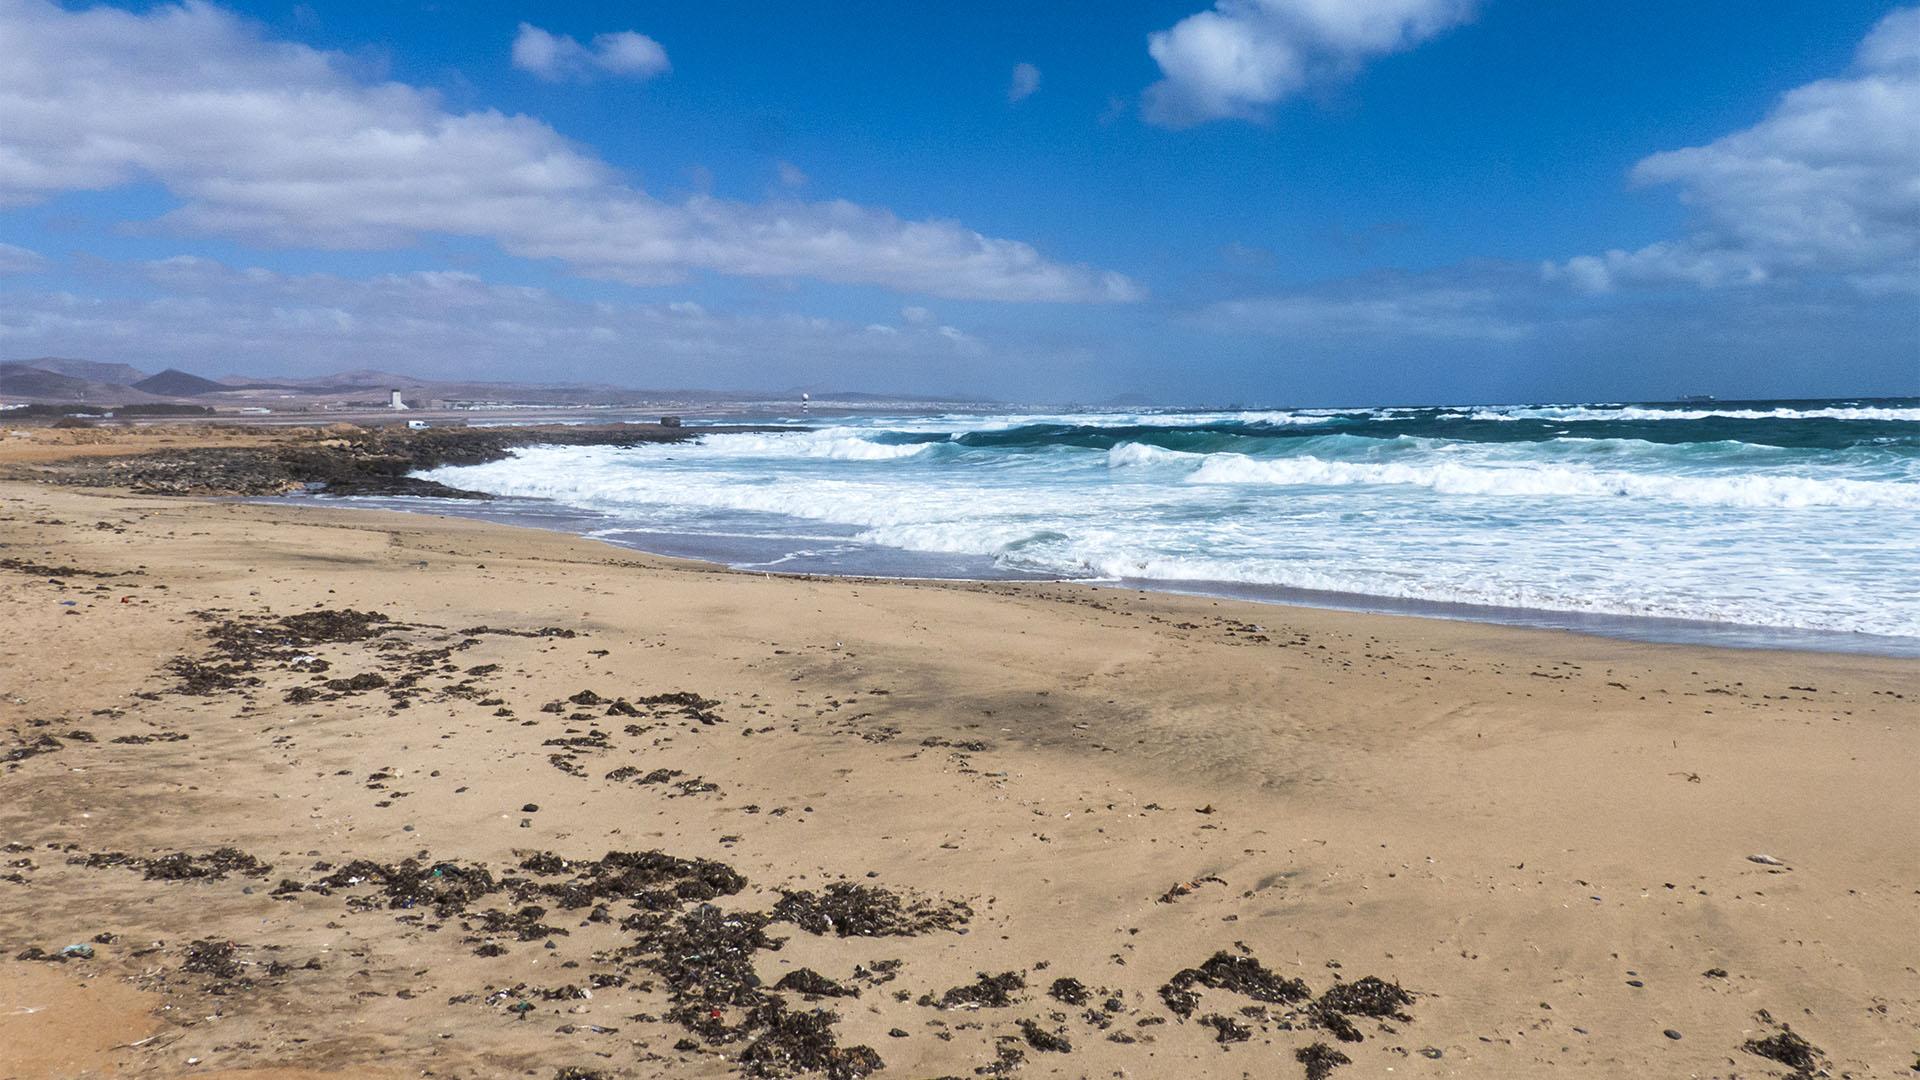 Die Strände Fuerteventuras: Playa de Matorral